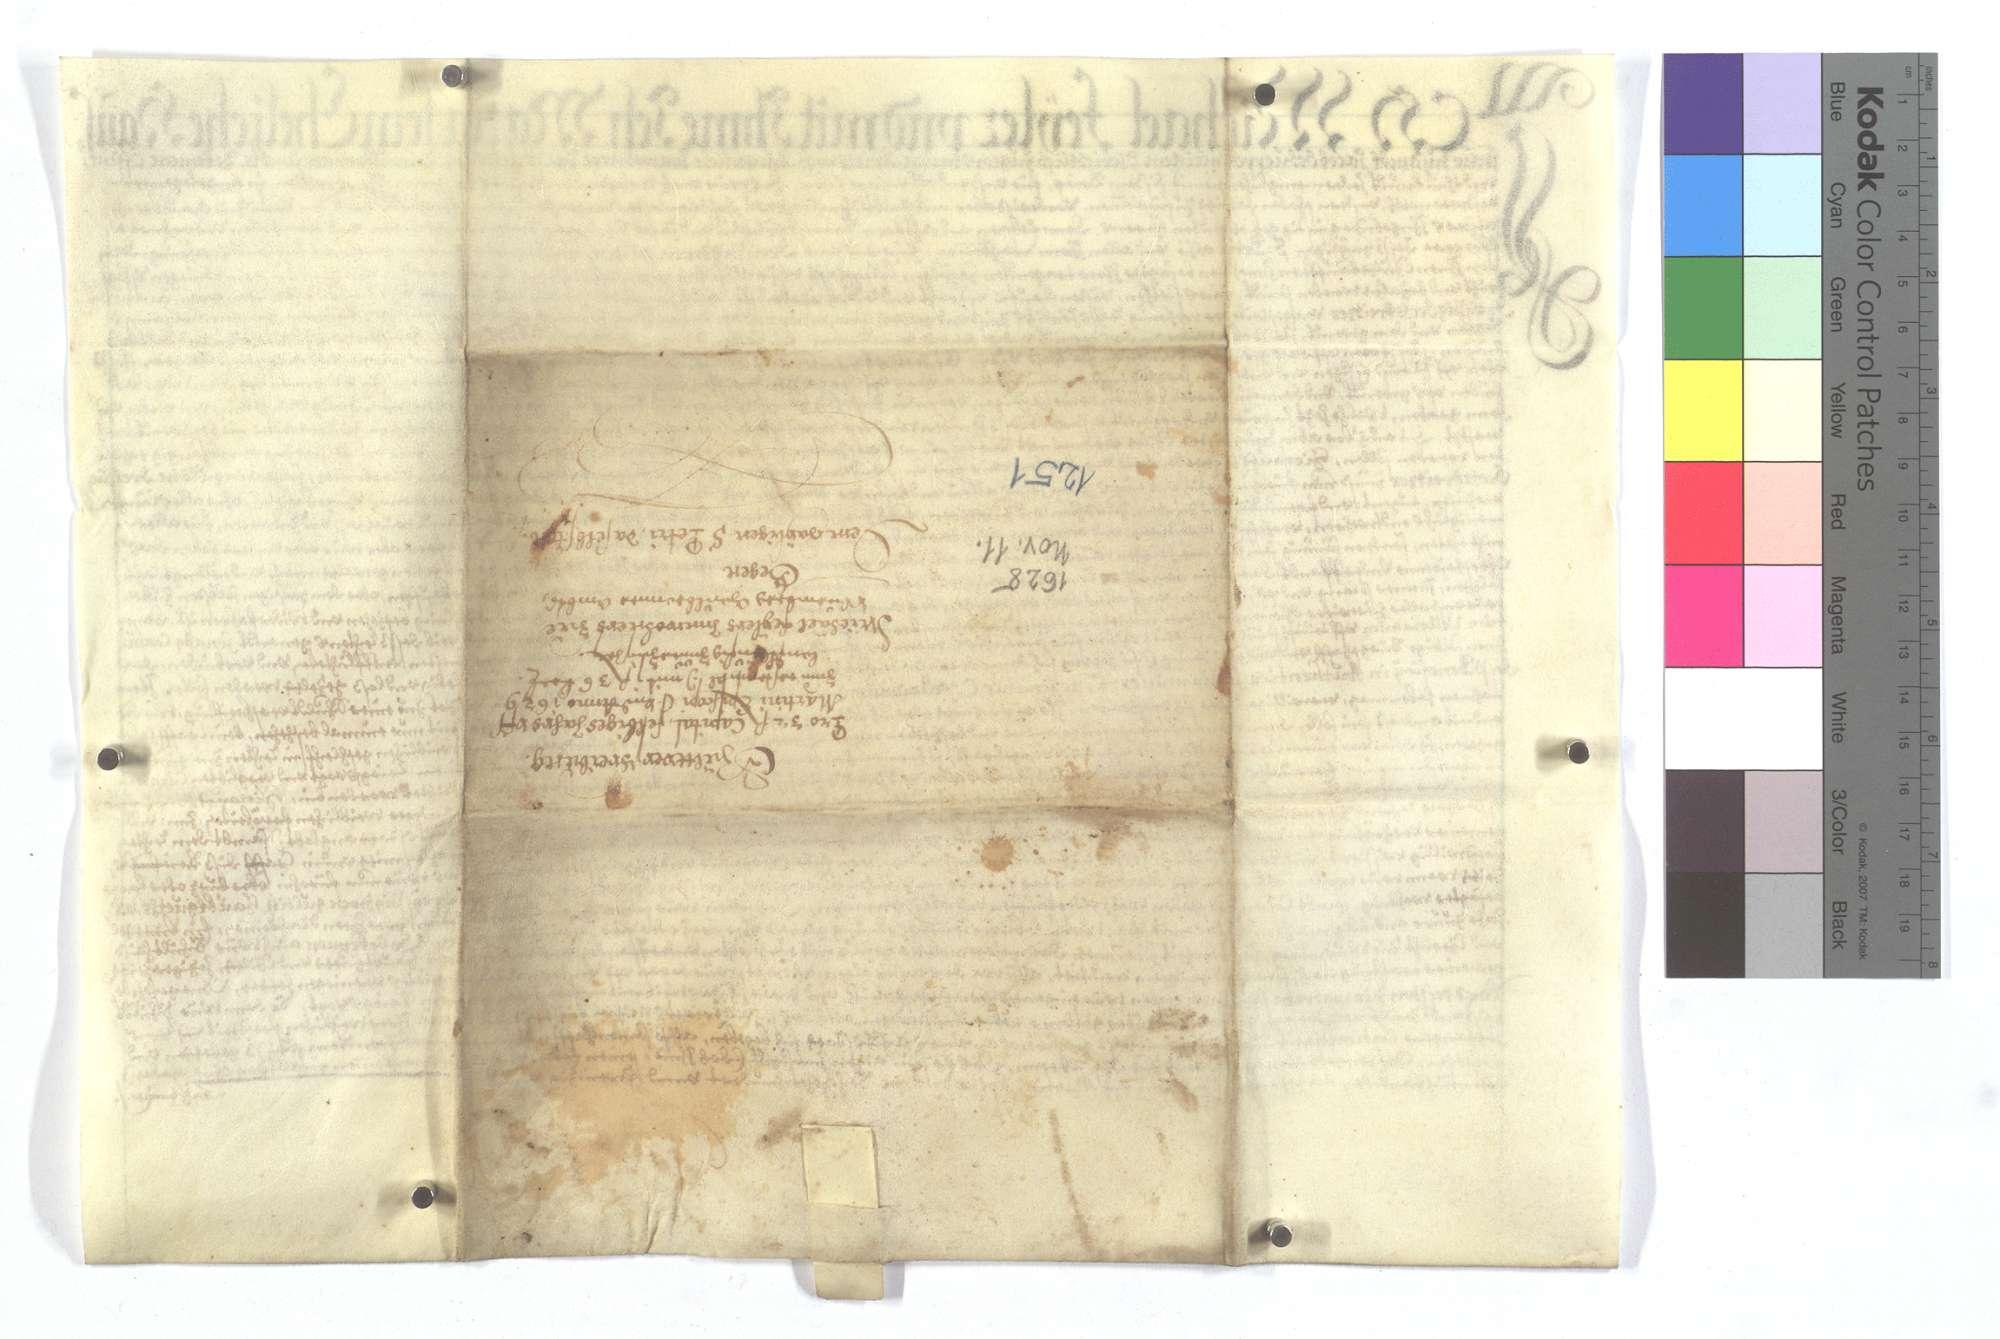 Verschreibung Michael Feylers und seiner Frau auf Martini 1 Gulden 36 Kreuzer., Rückseite